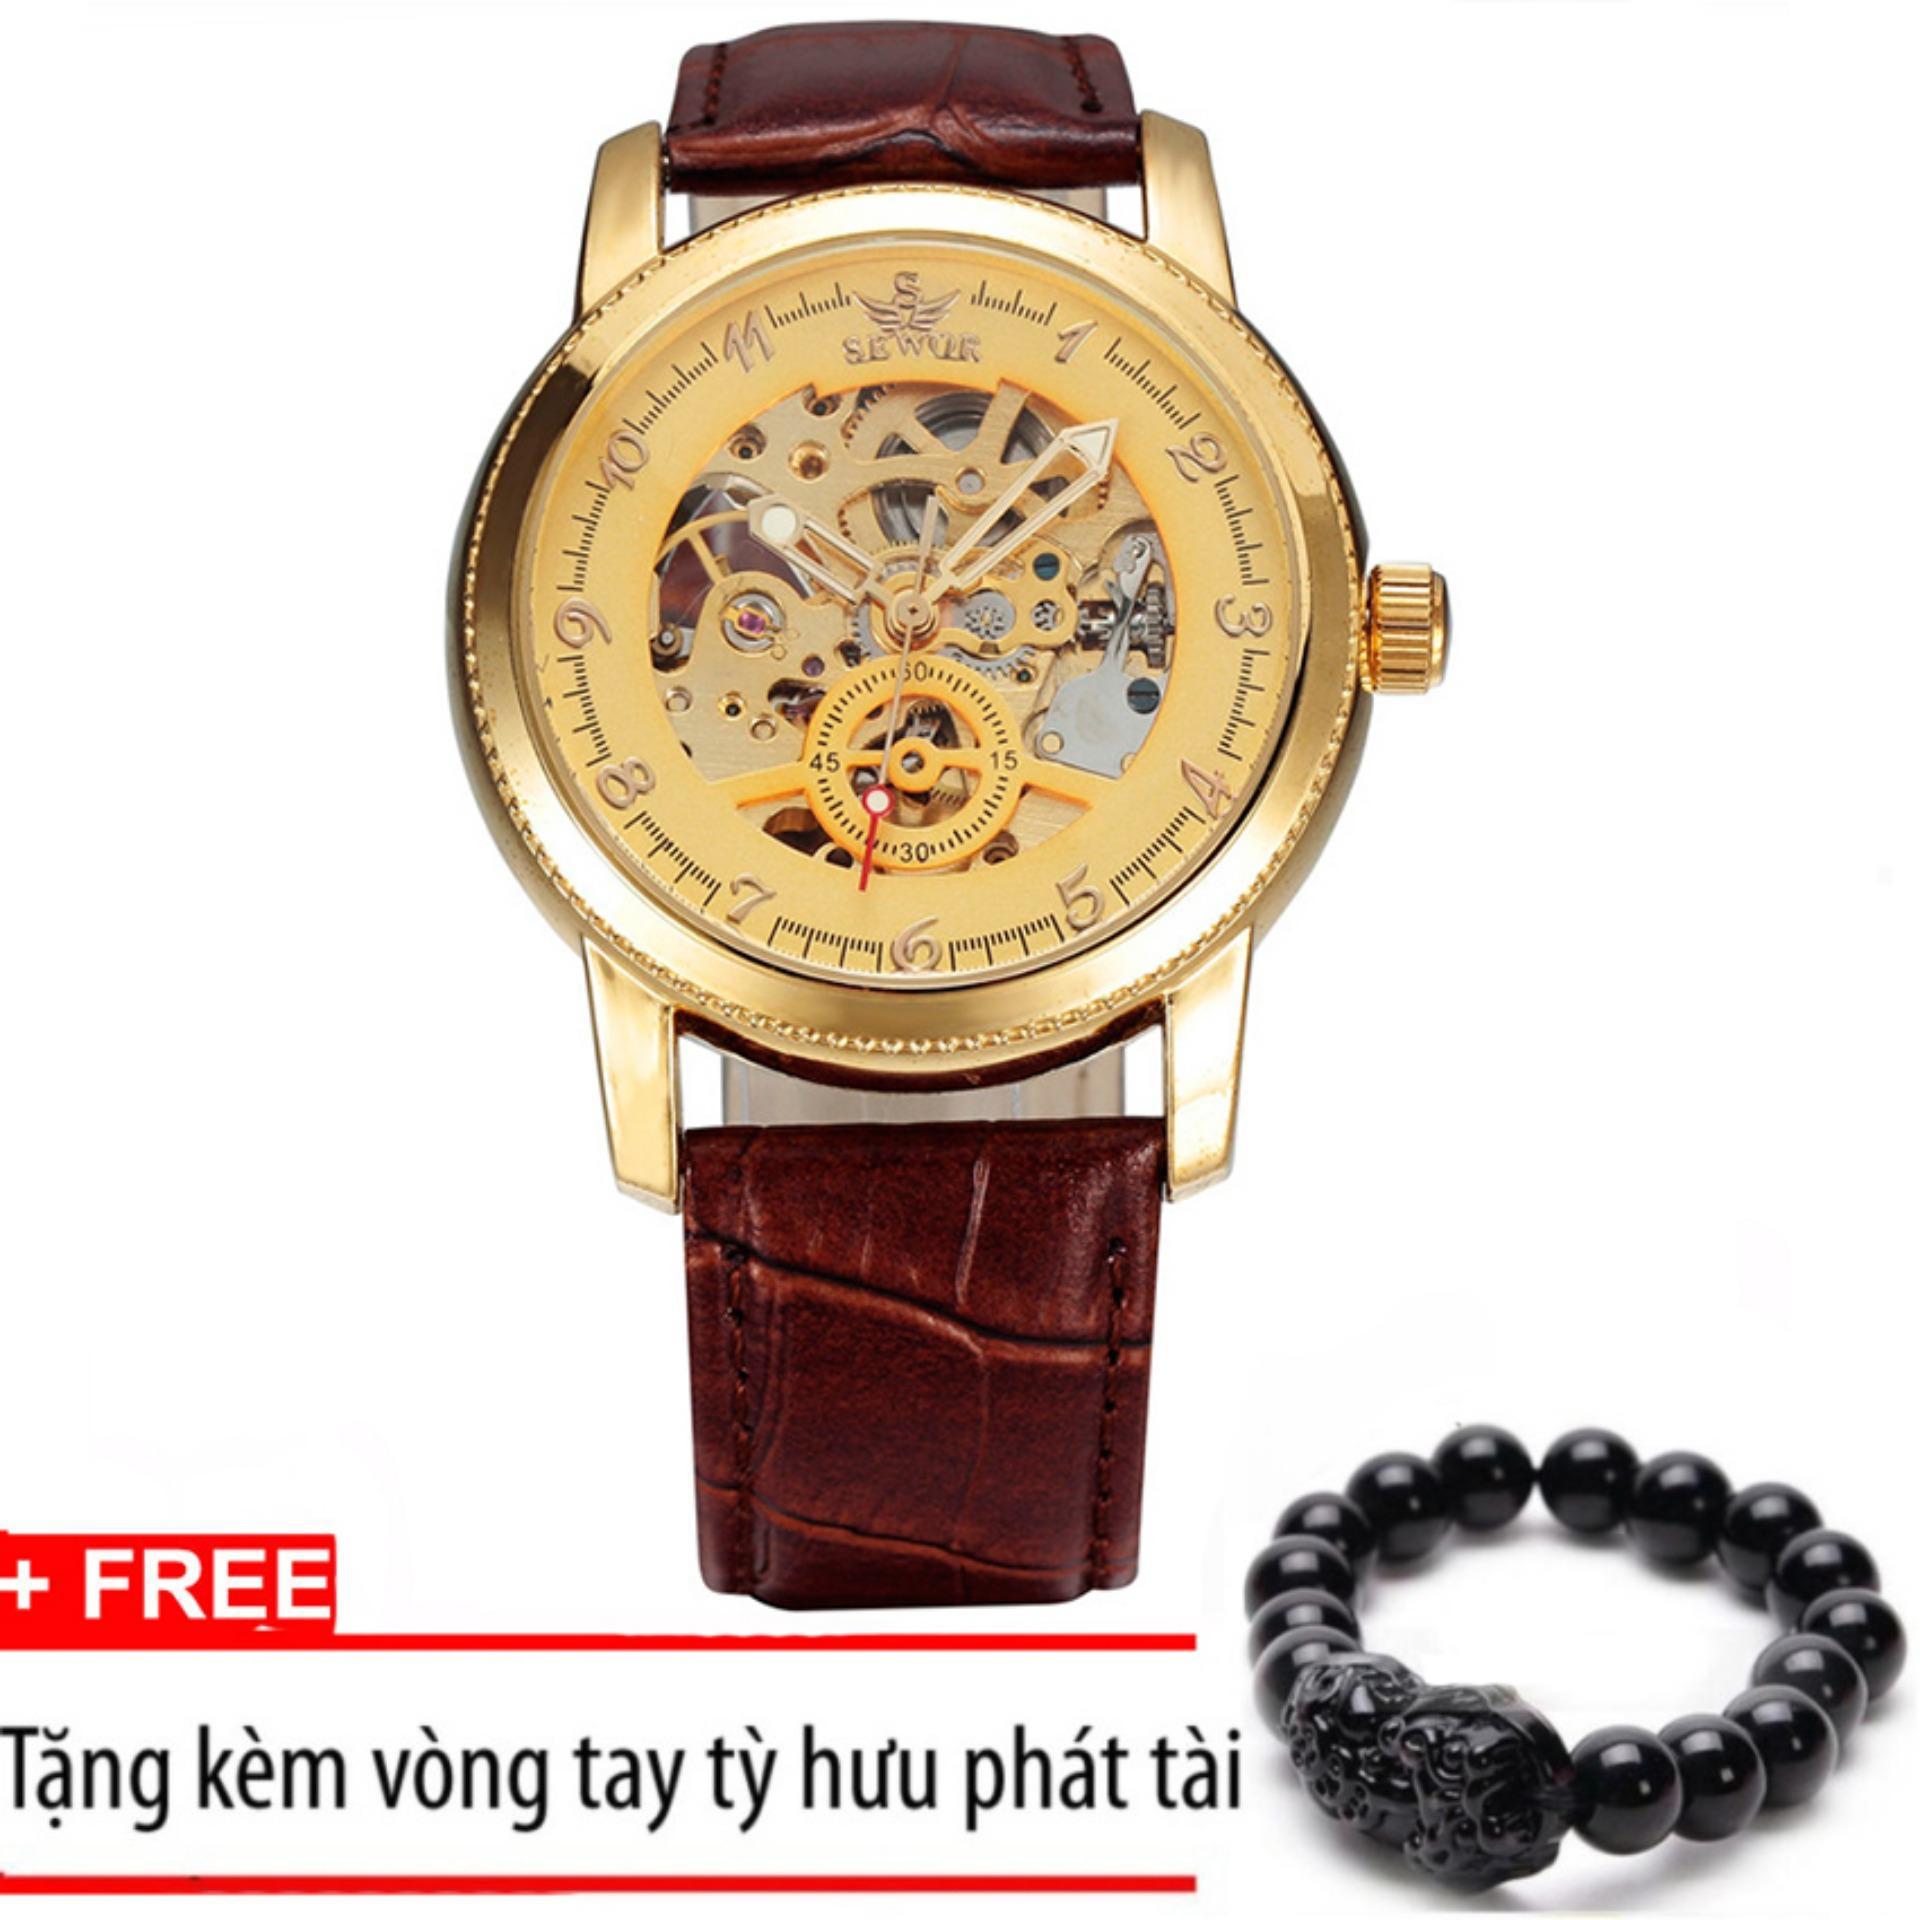 Đồng hồ nam cơ chạy tự động dây da cao cấp SEWOR T212 (Dây nâu mặt vàng) +Tặng kèm vòng tay tỳ hưu phát tài